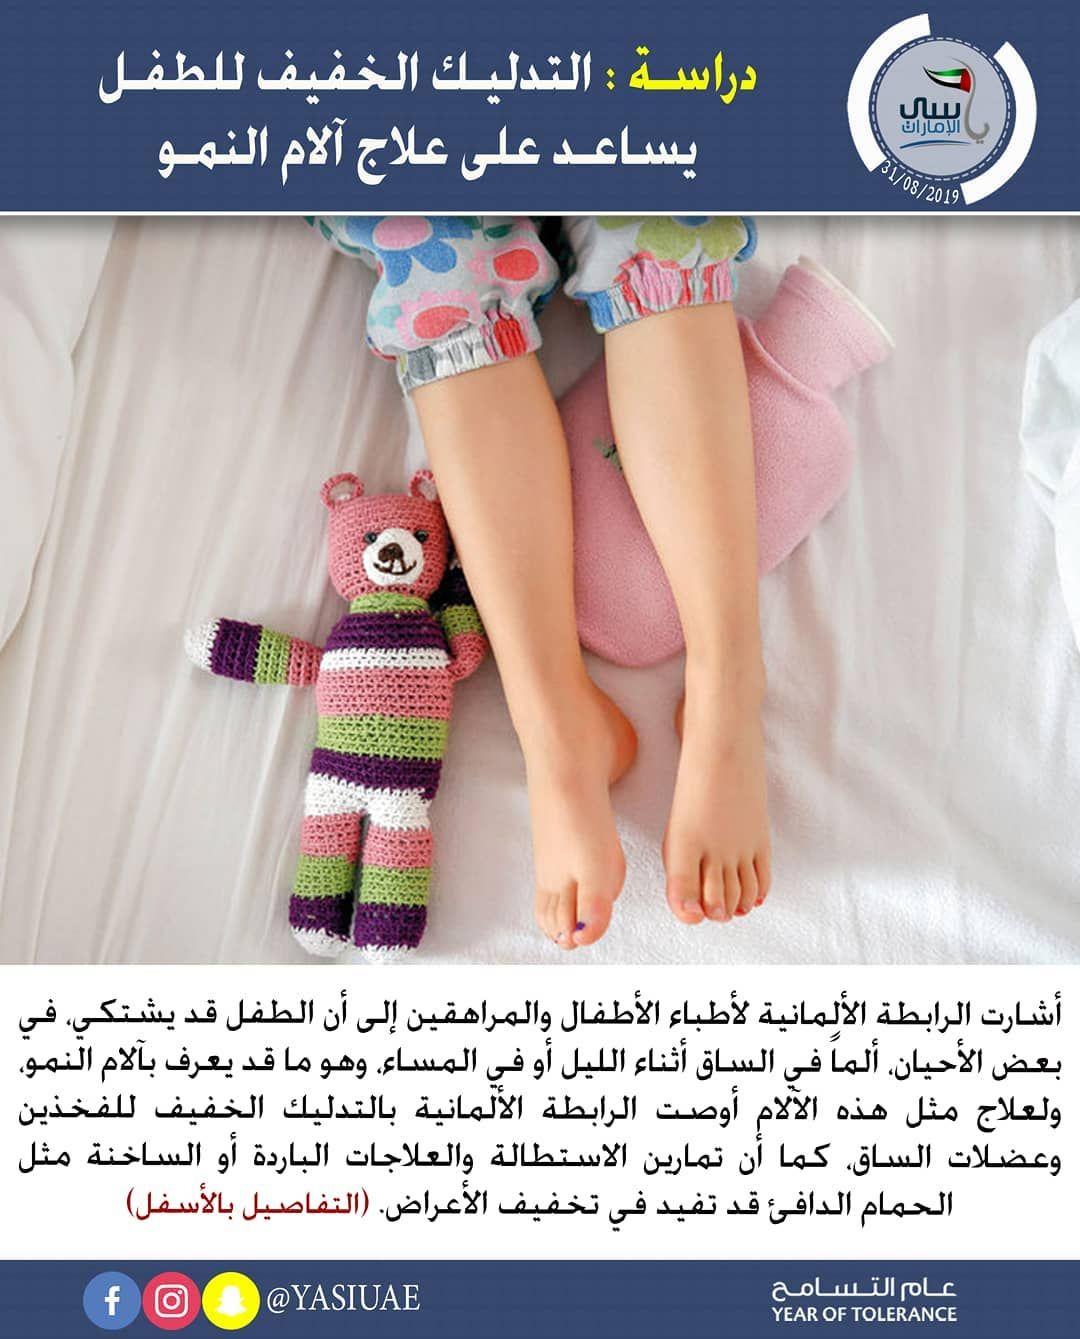 التدليك الخفيف يساعد على علاج آلام النمو أشارت الرابطة الألمانية لأطباء الأطفال والمراهقين إلى أن الطفل قد يشتكي في بعض الأحيان ألما ف Tolerance 3 1 Years